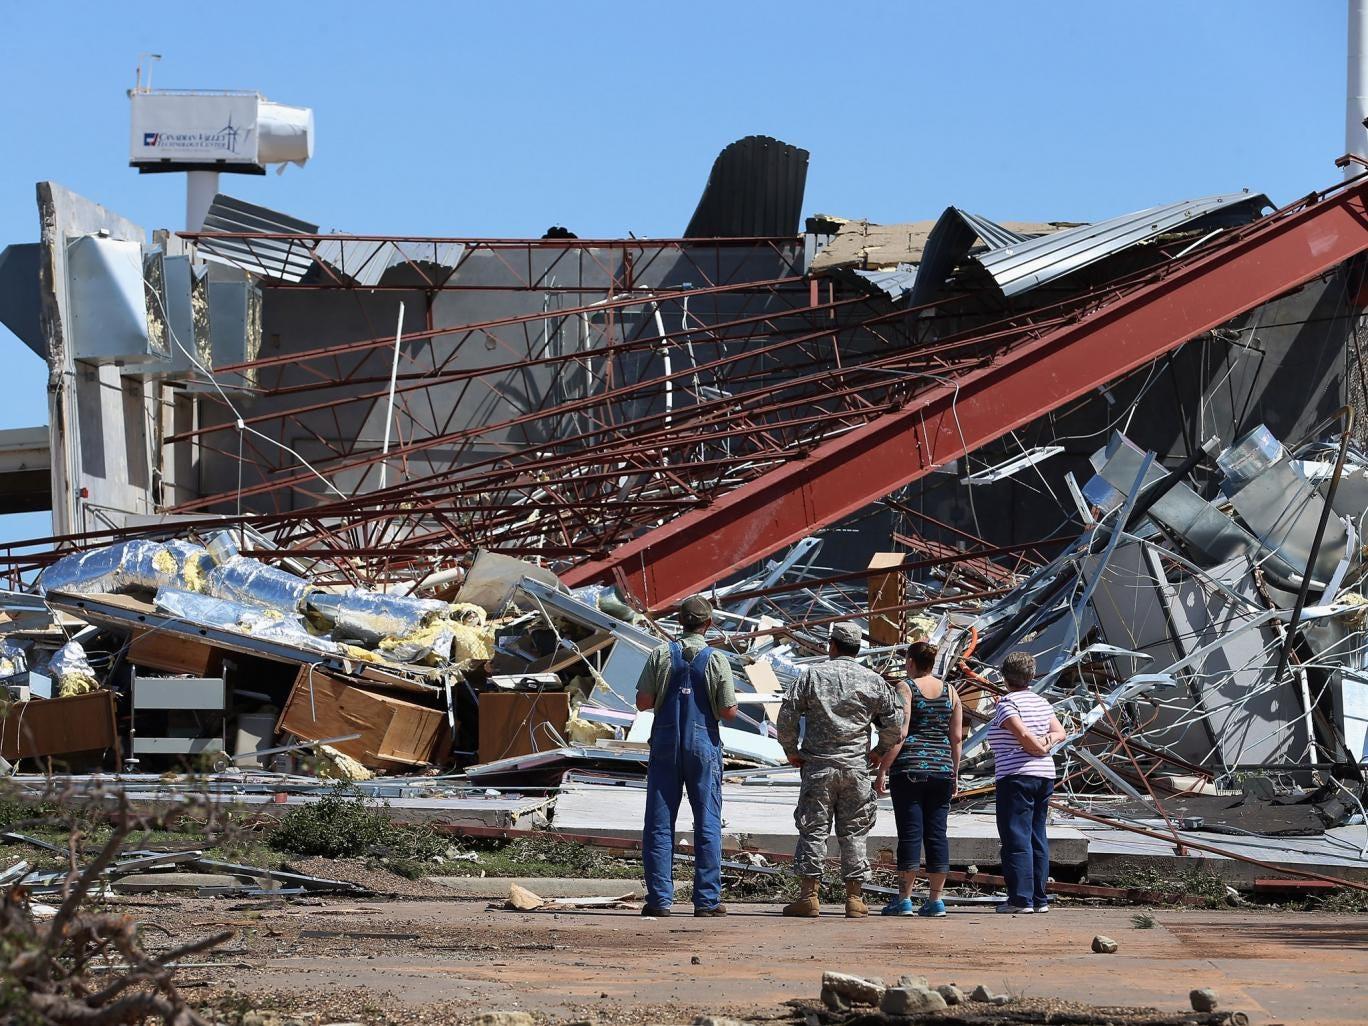 A campus building in ruins in El Reno, Oklahoma, yesterday